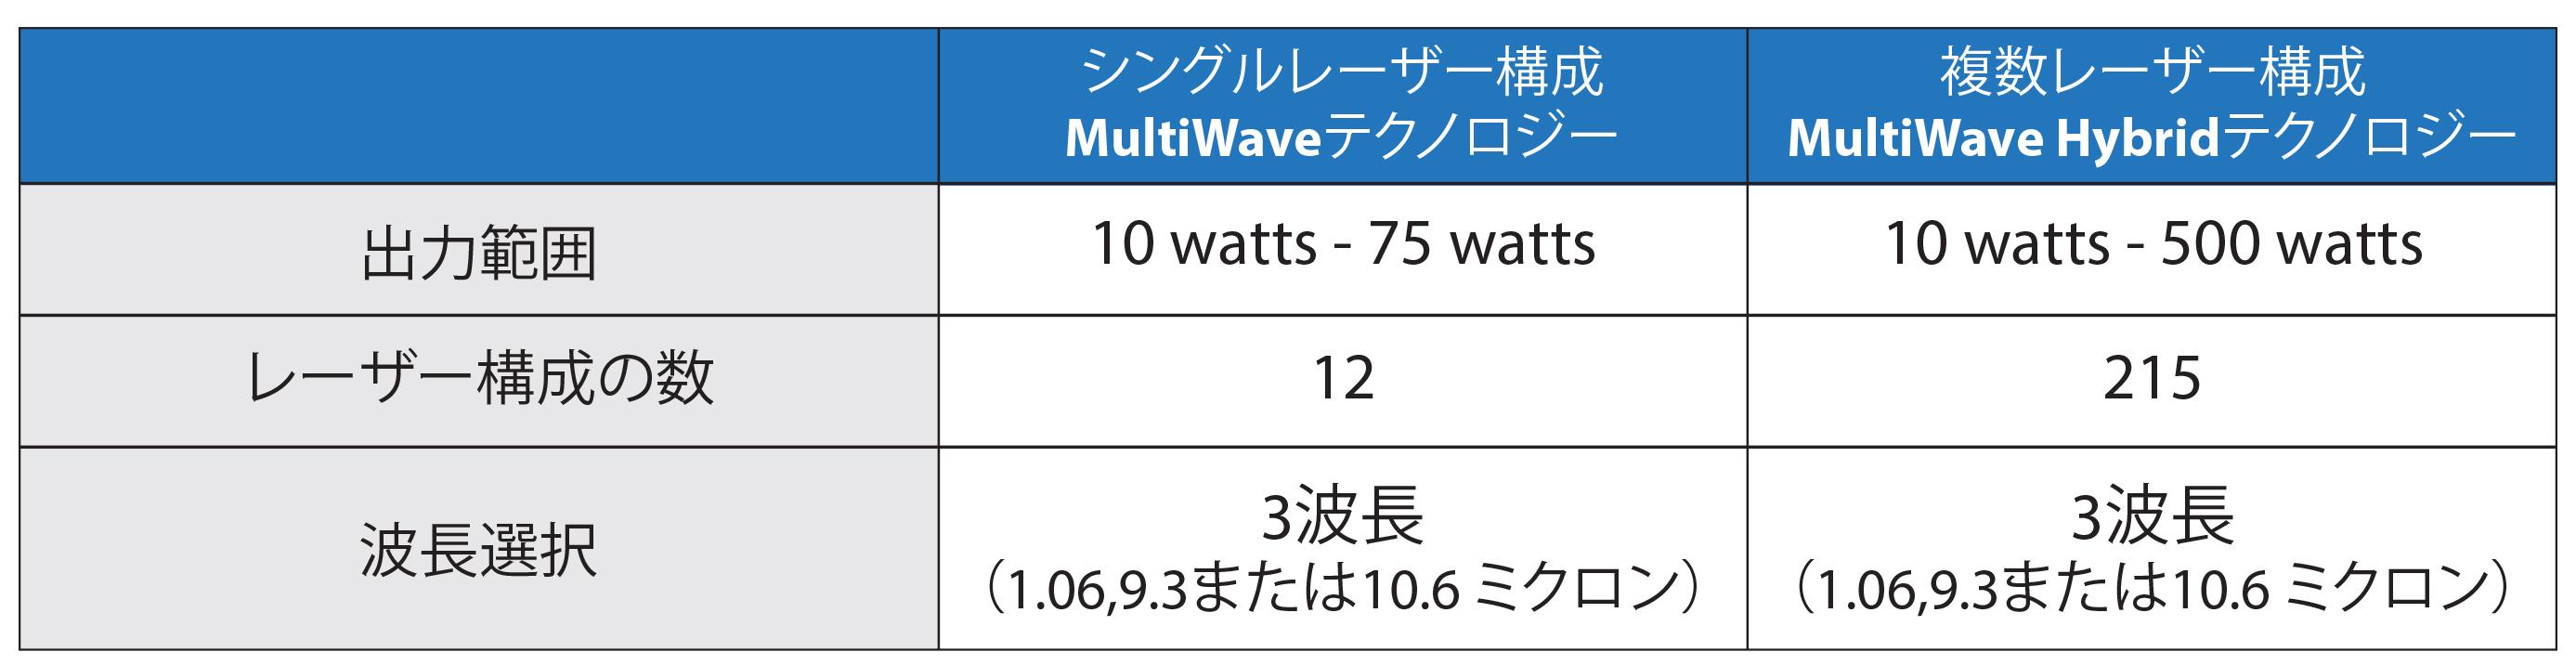 シングルレーザー対デュアルレーザーMultiWave Hybrid™構成